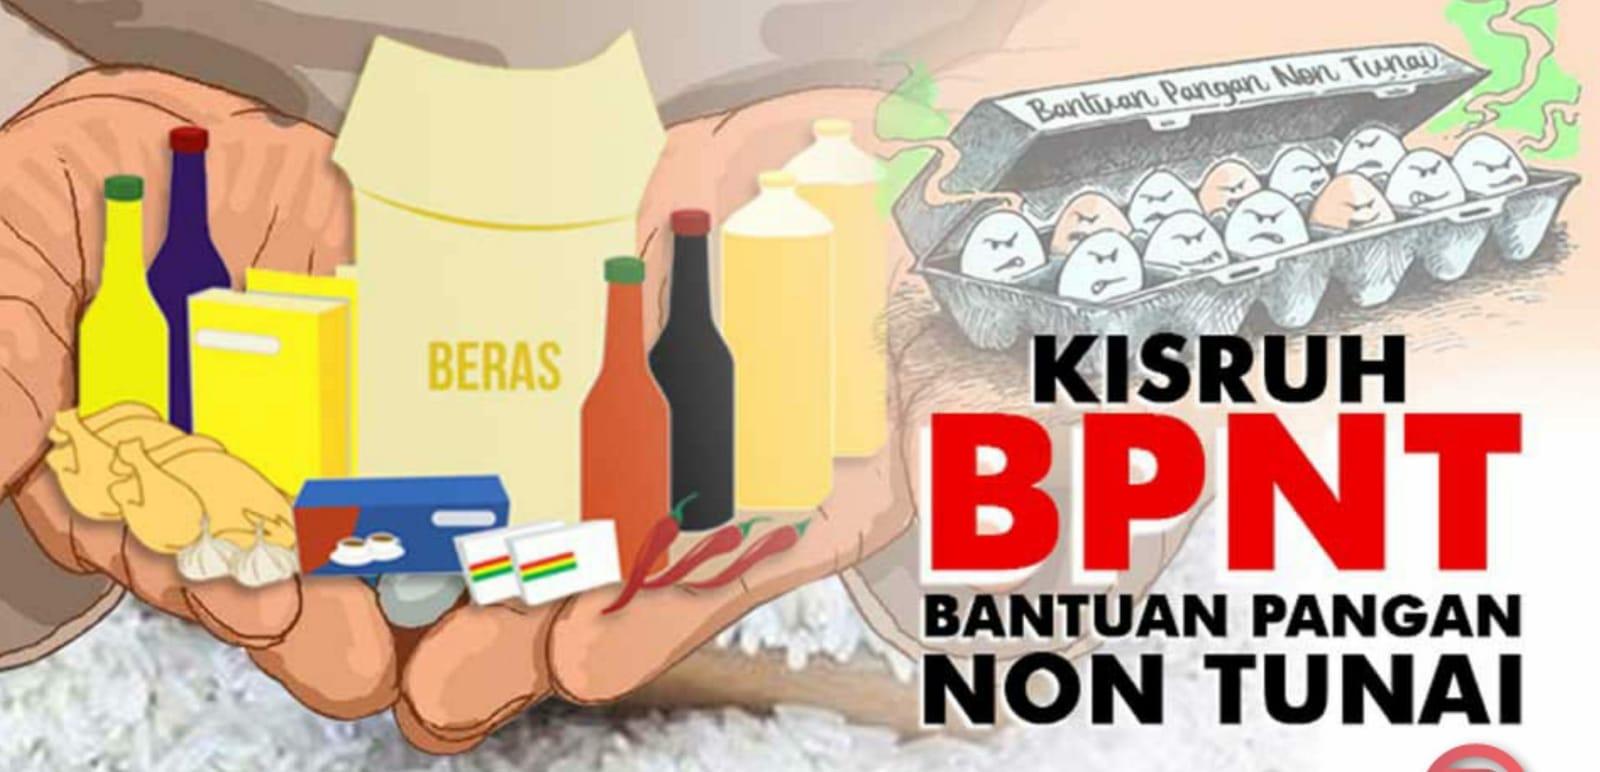 Gambar CV. Kenzi One Indonesia Dapat SP2 dari Timkoorkab Usai Di Audit Oleh Itjen Kemensos RI, Ini Ungkapan Direktur Operasional 11